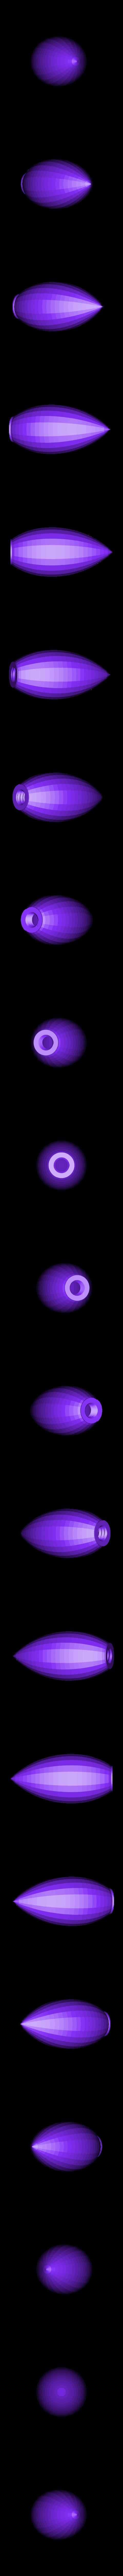 bulb.stl Télécharger fichier STL gratuit 5mm LED Christmas Light • Plan imprimable en 3D, Zheng3